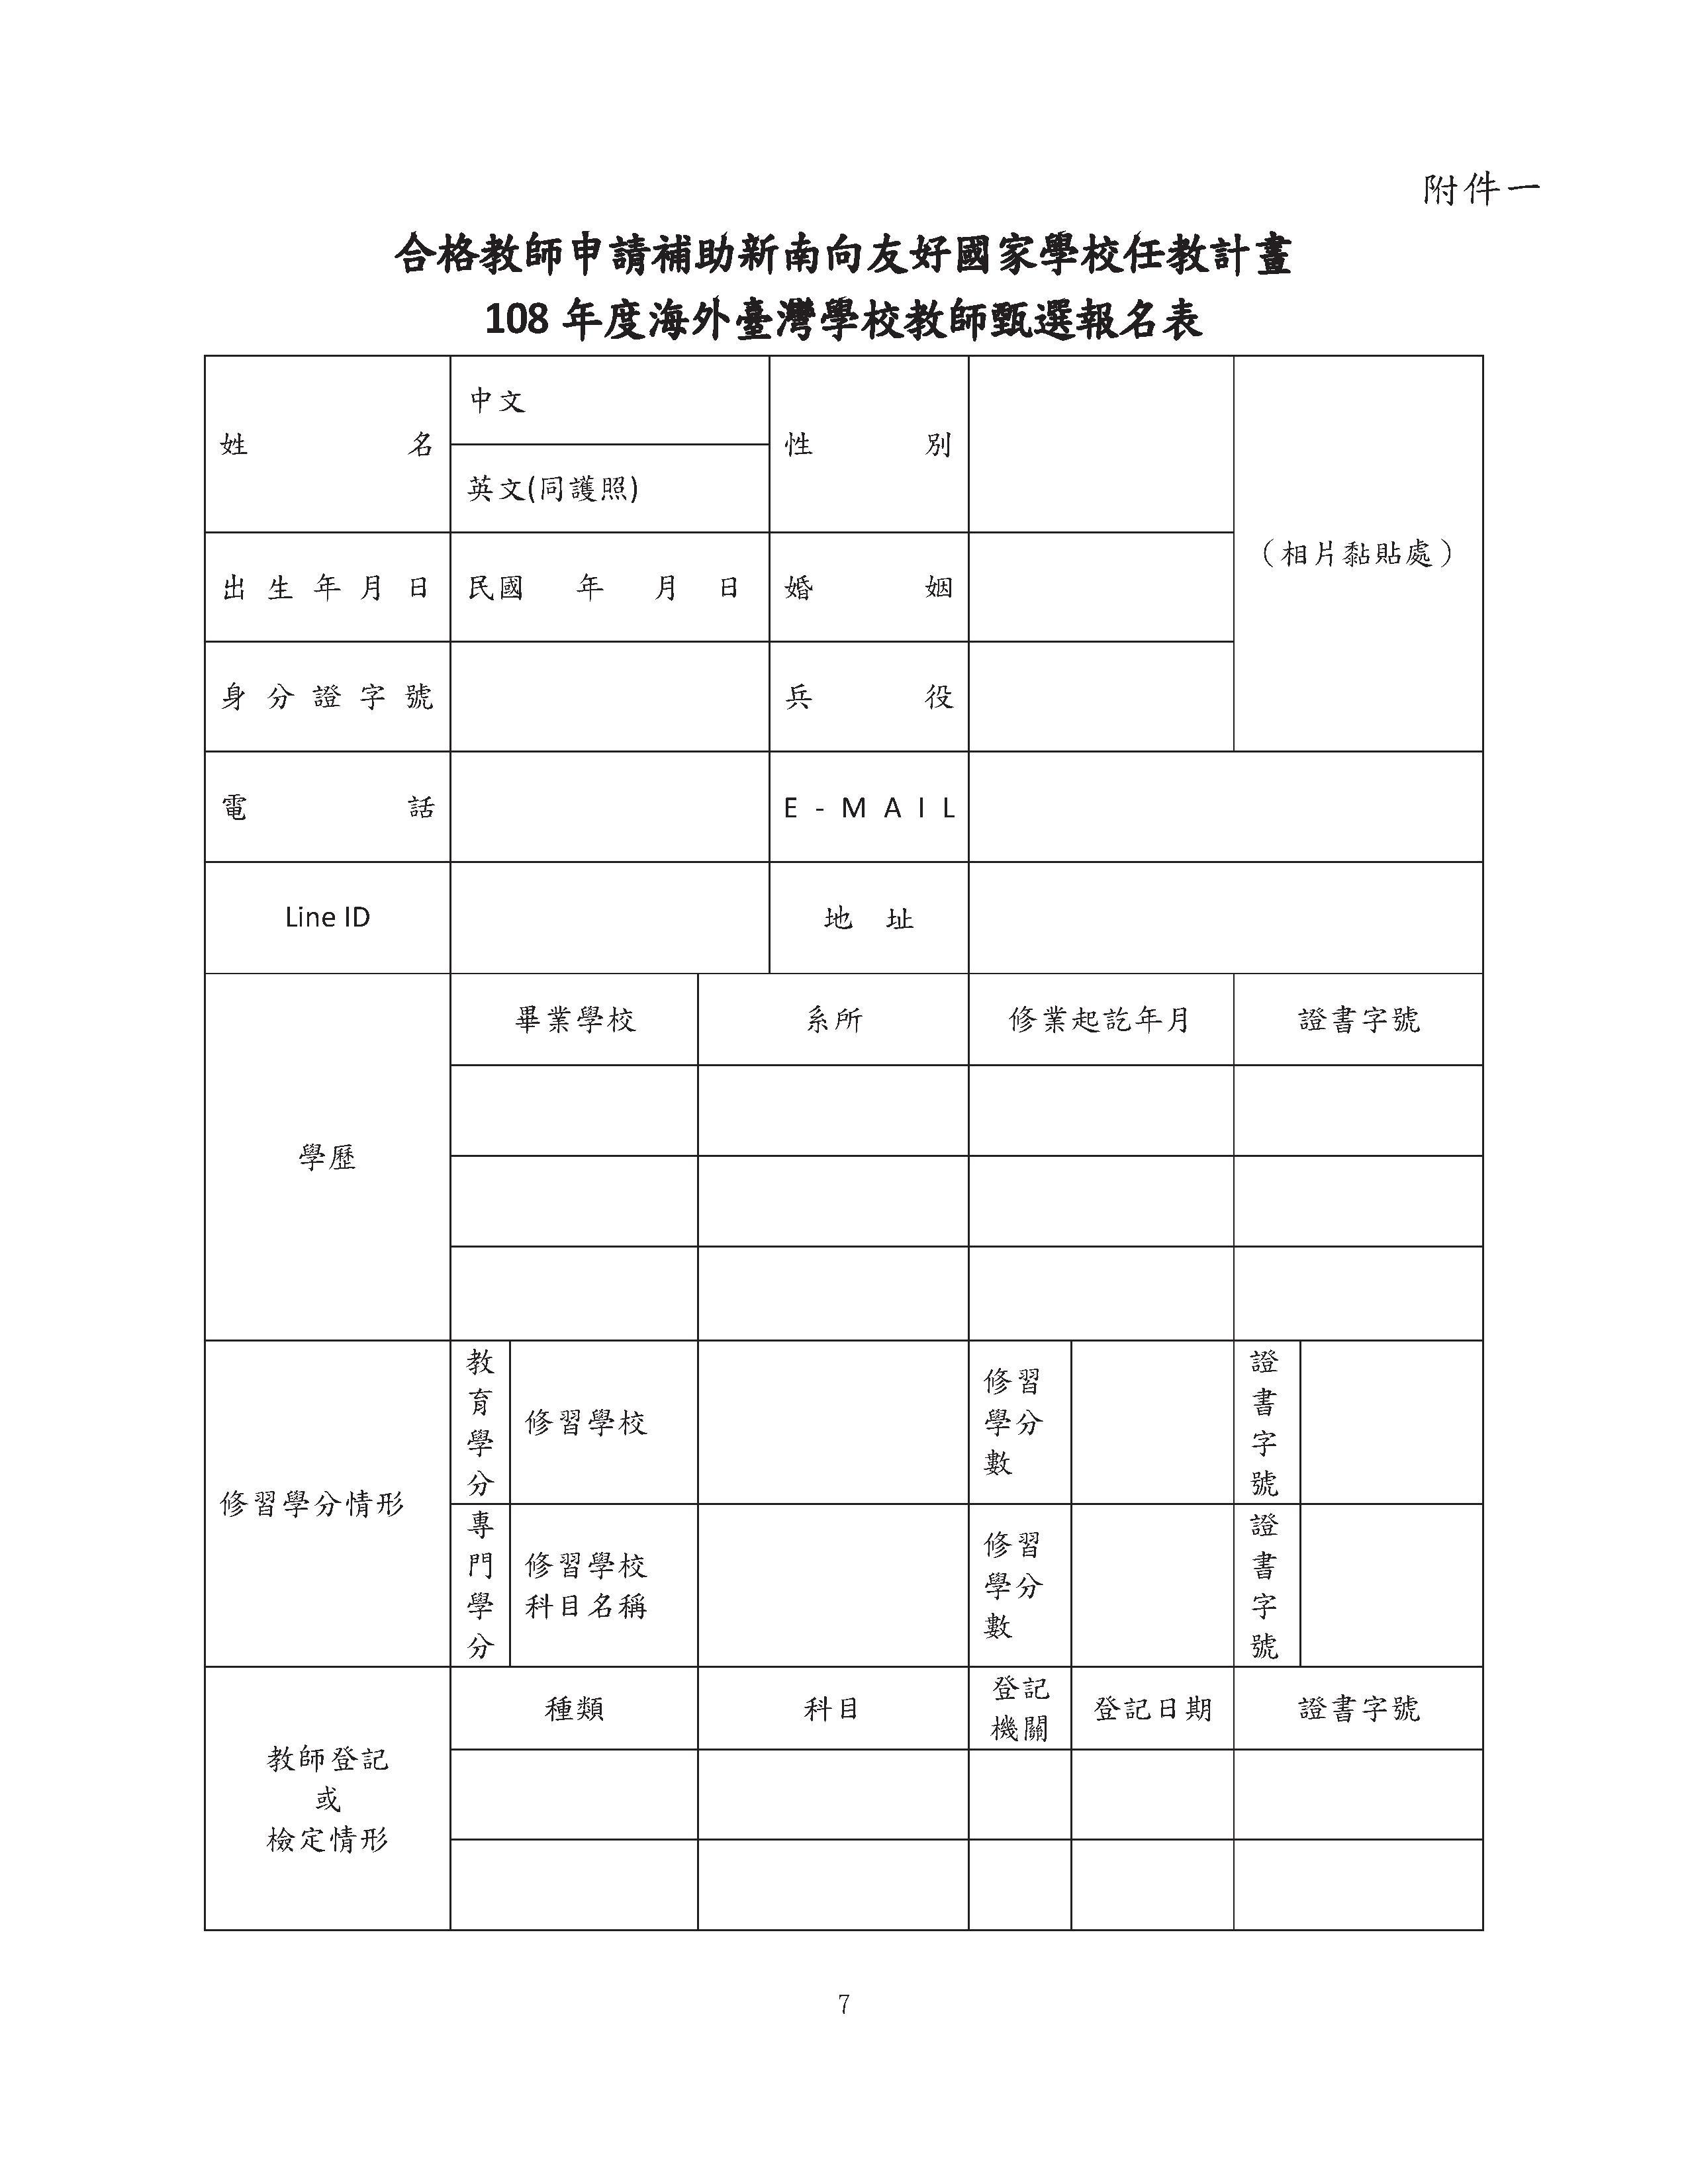 (公告版)108學年徴聘教師甄選簡章(四所臺校聯合招聘).pdf0006